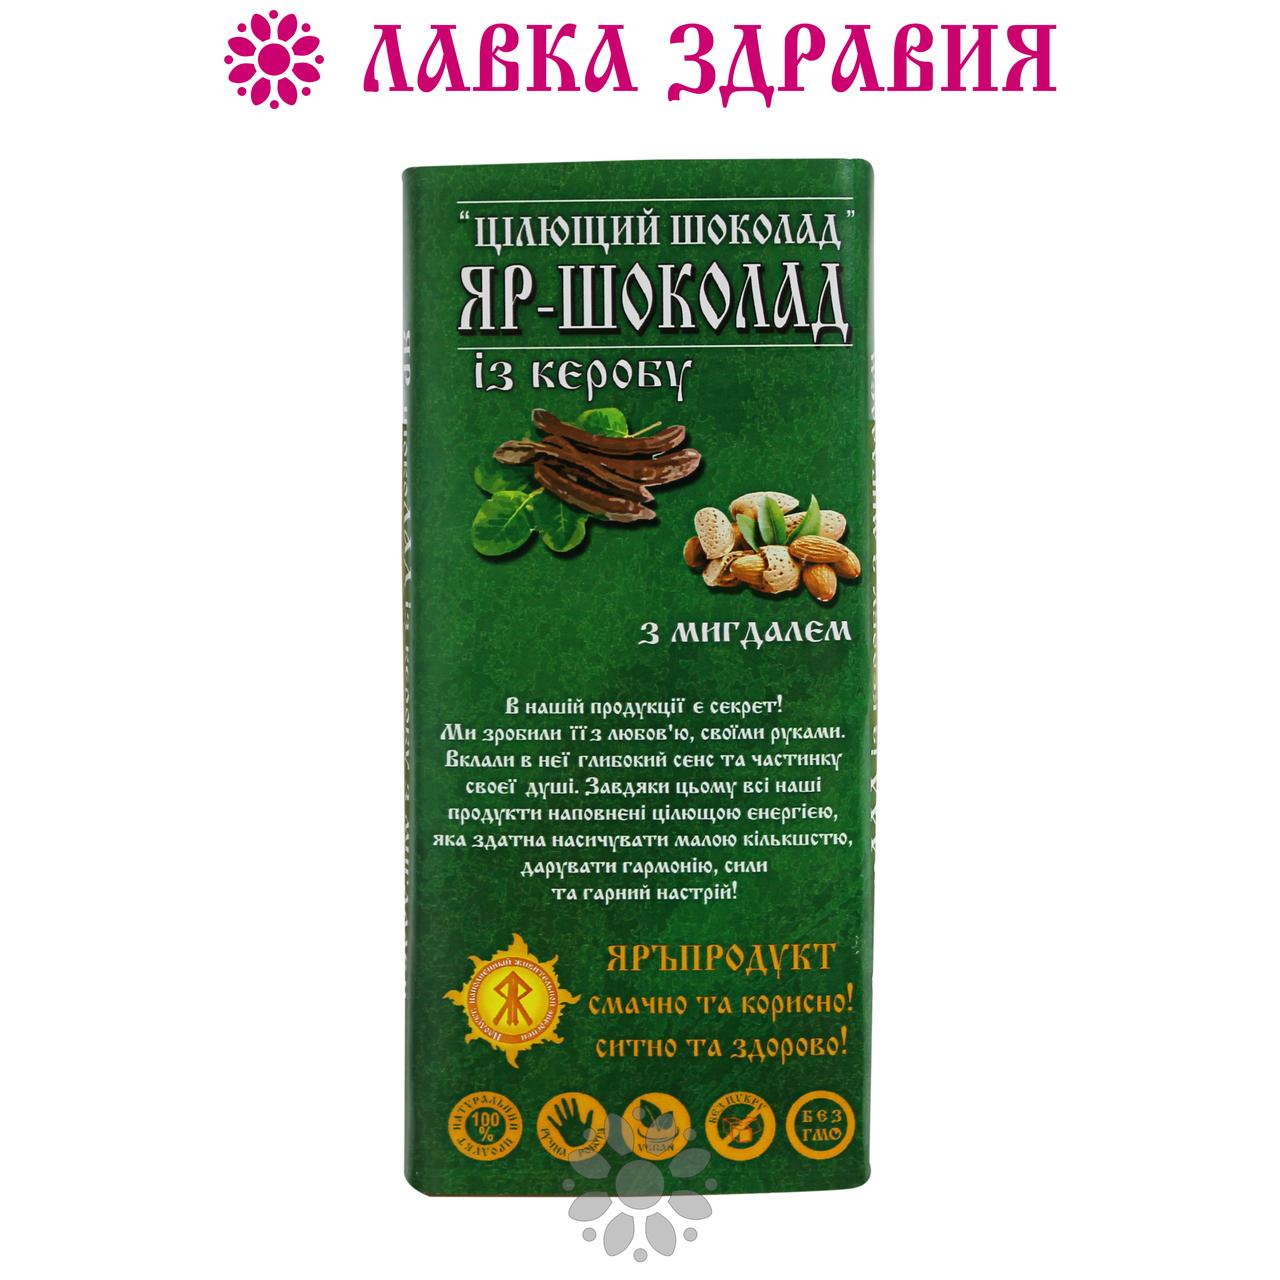 Яръ-шоколад с кэробом и миндалем, 100 г